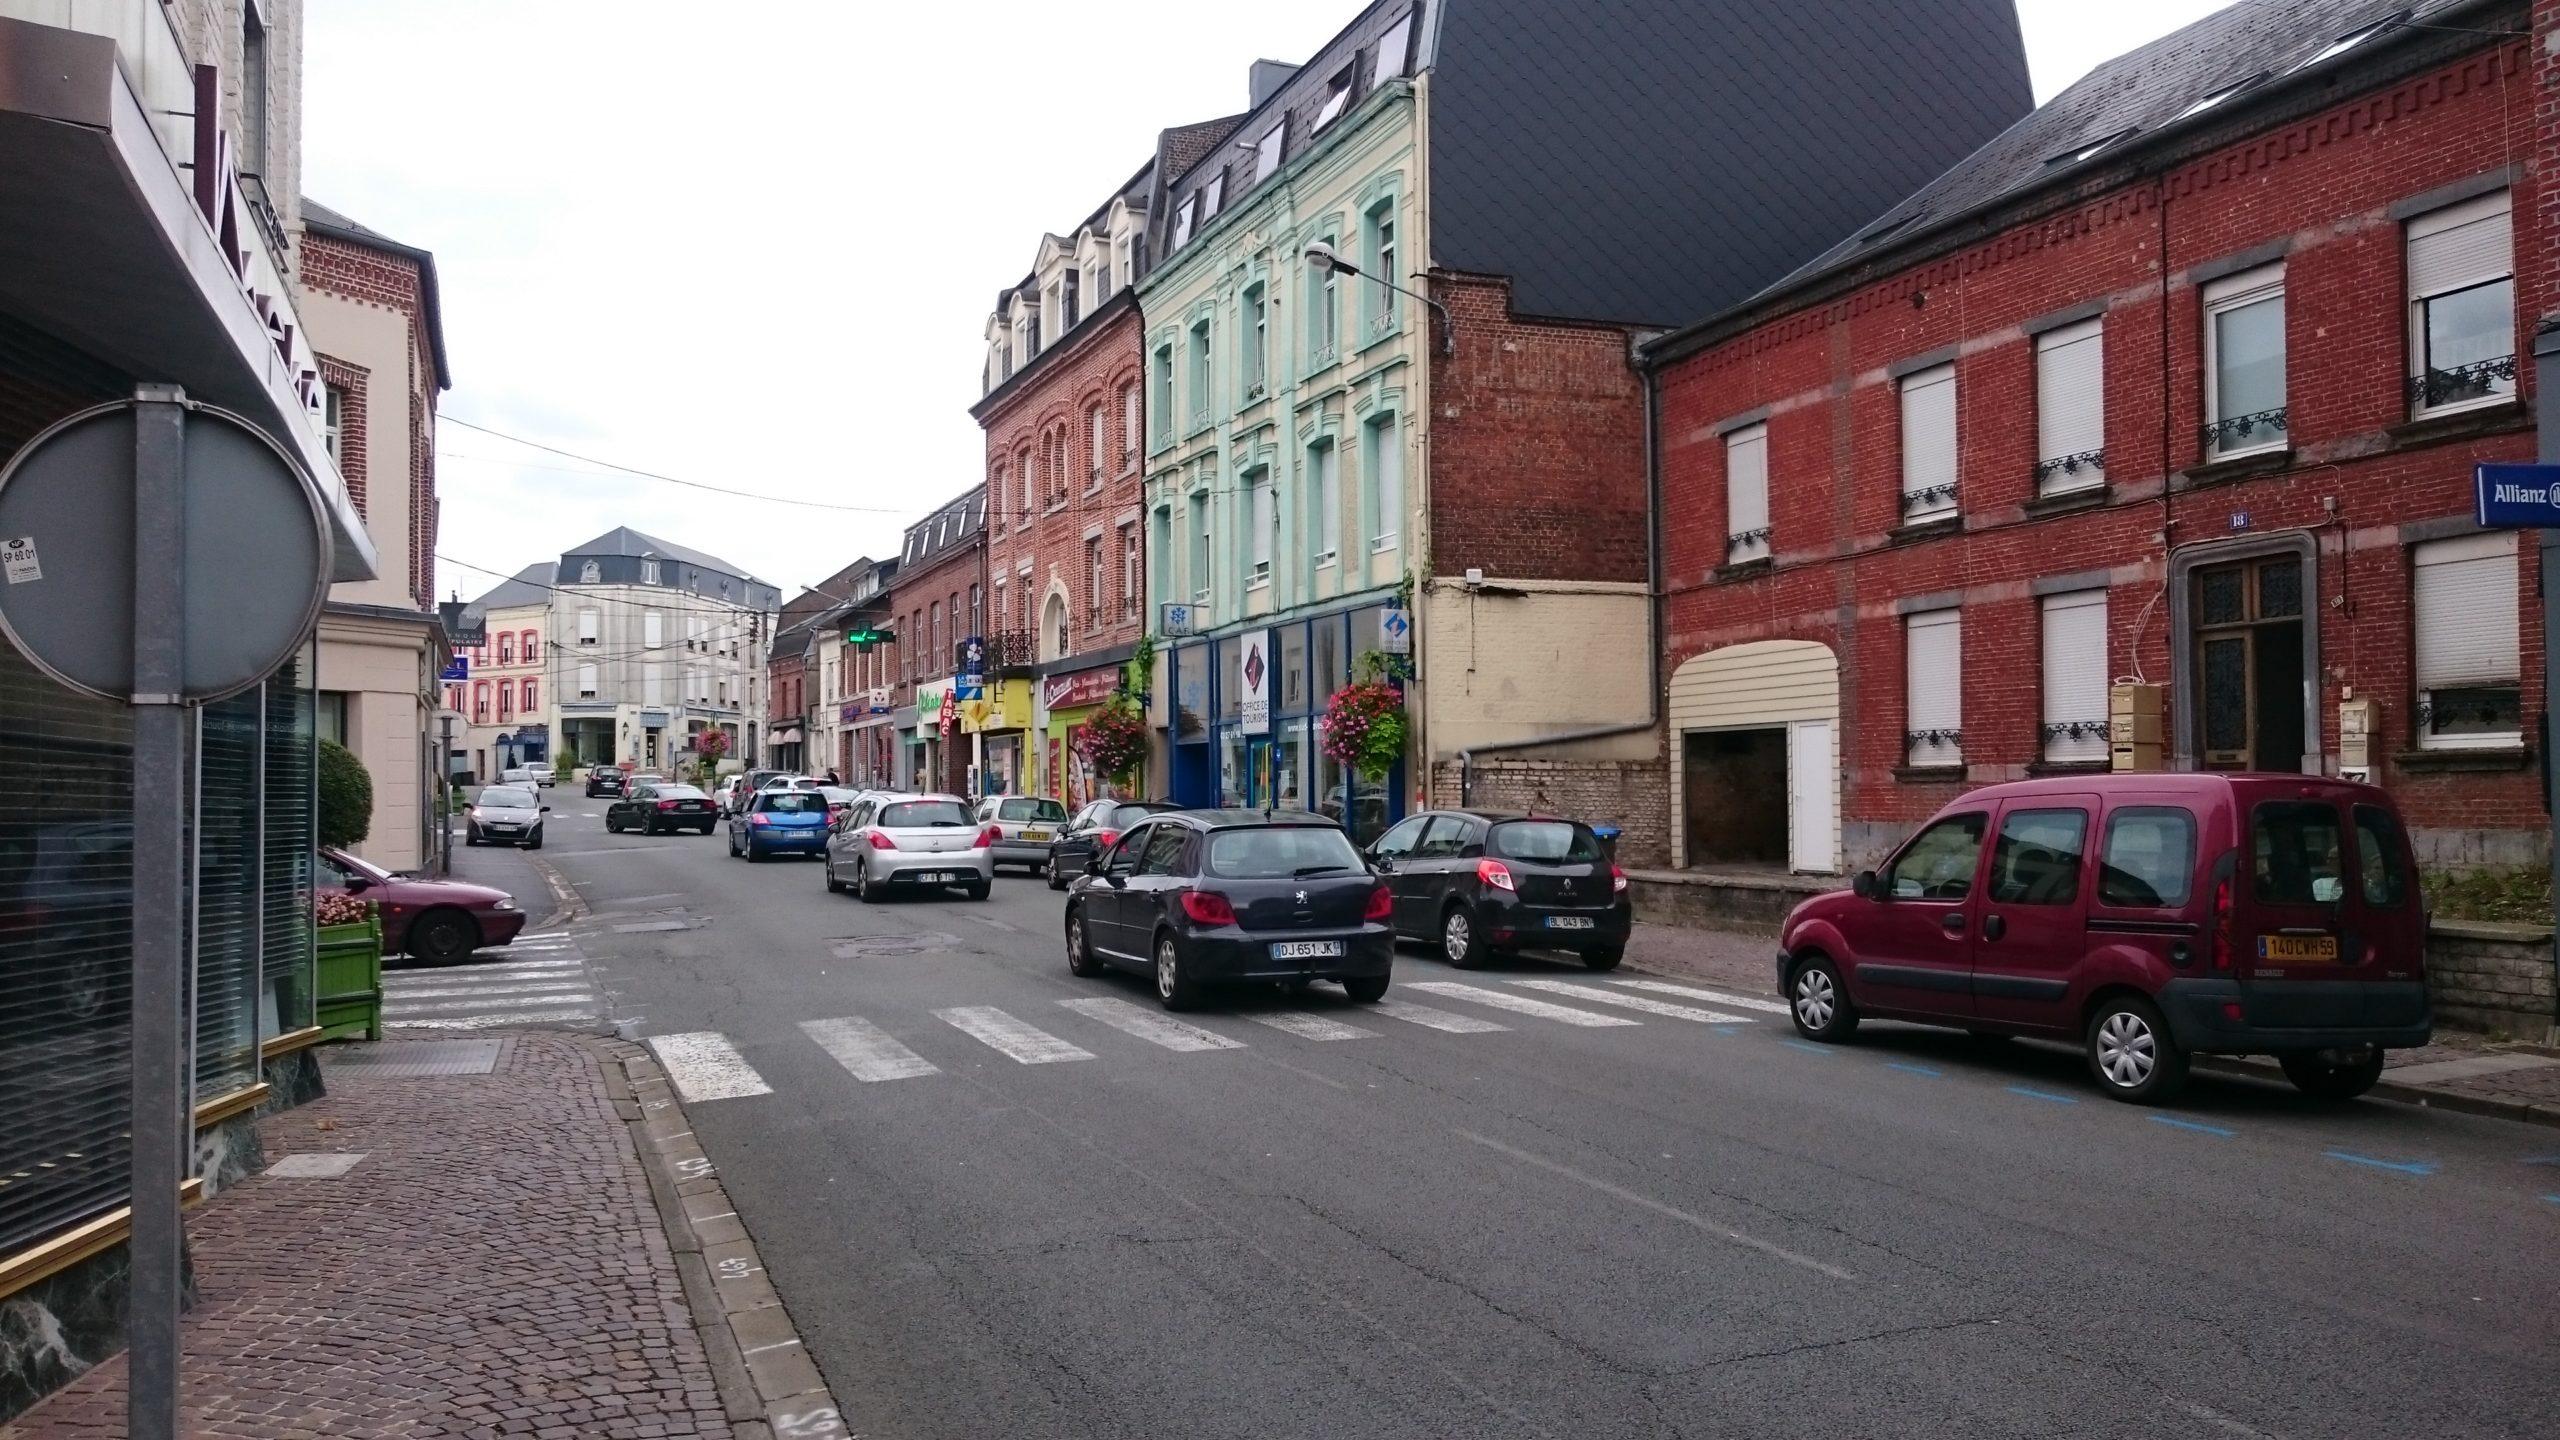 la rue commerçante Jean Jaurès, dans le centre de Fourmies